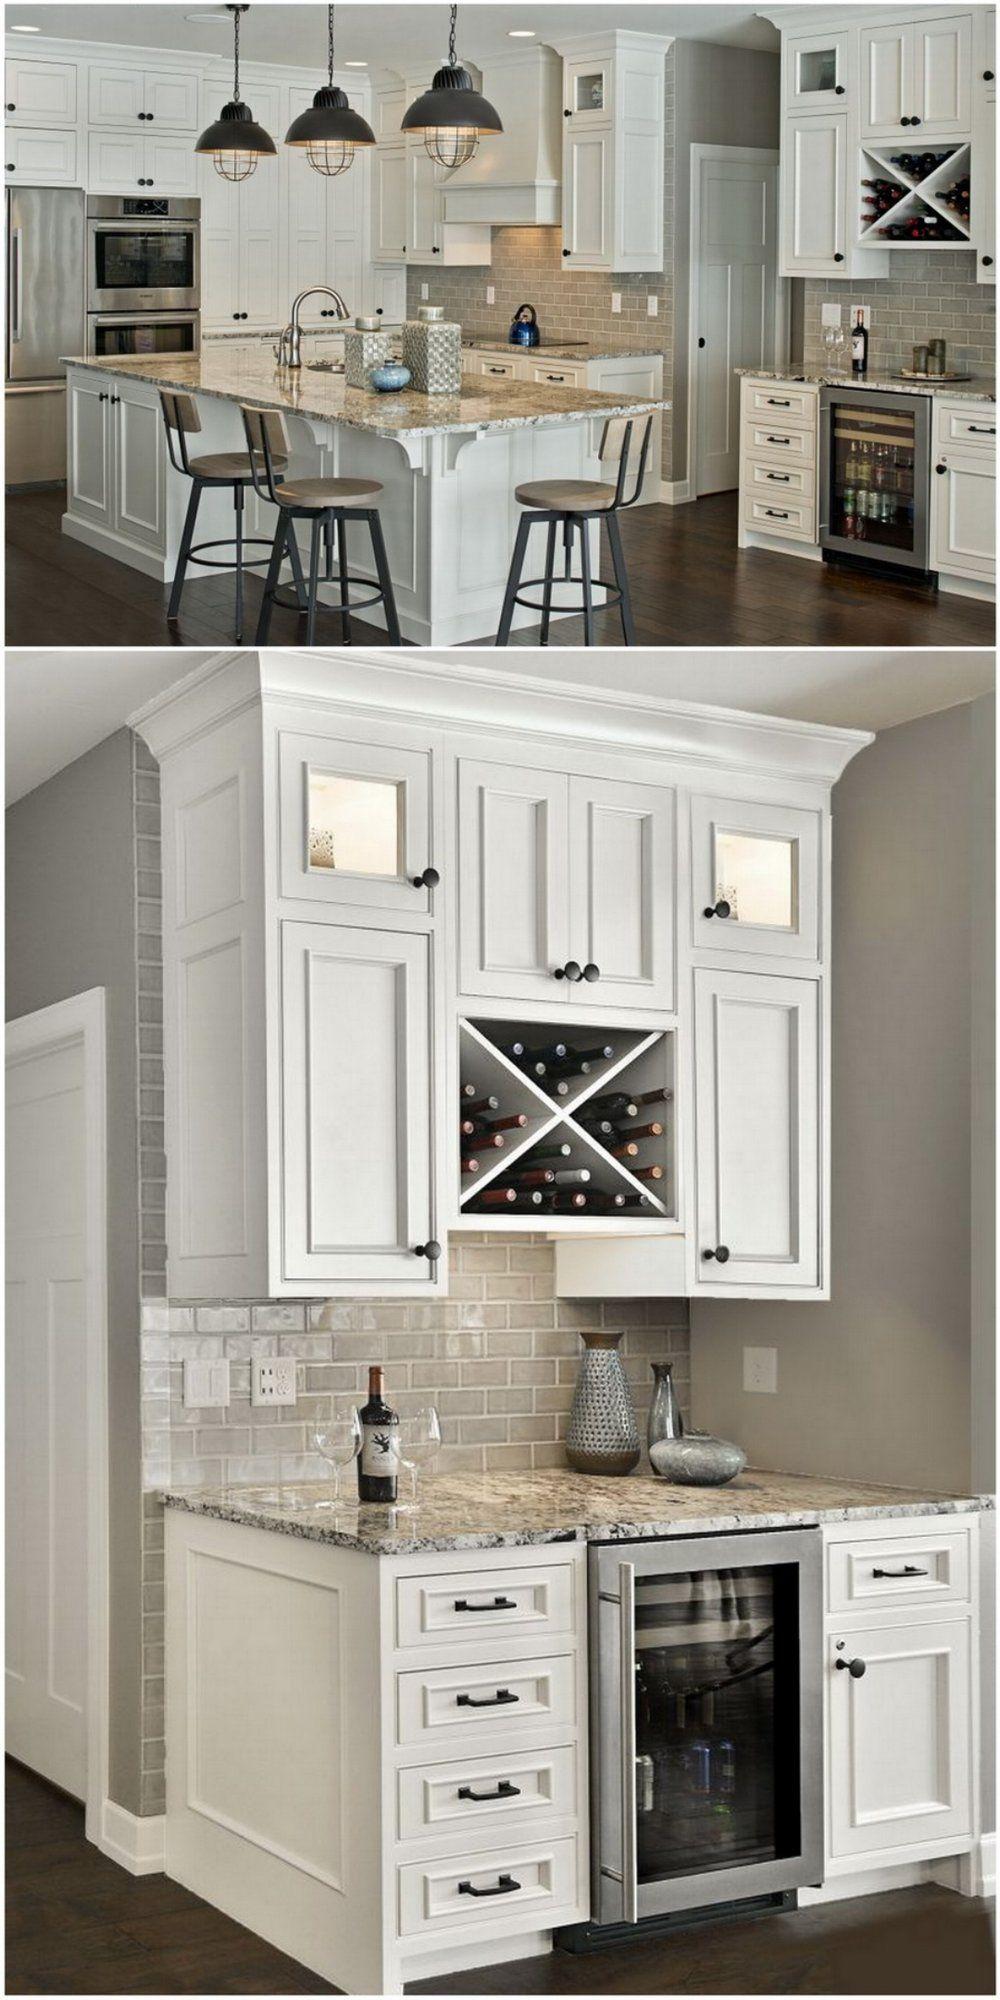 21 gorgeous + modern kitchen designs by dakota | kitchen must haves